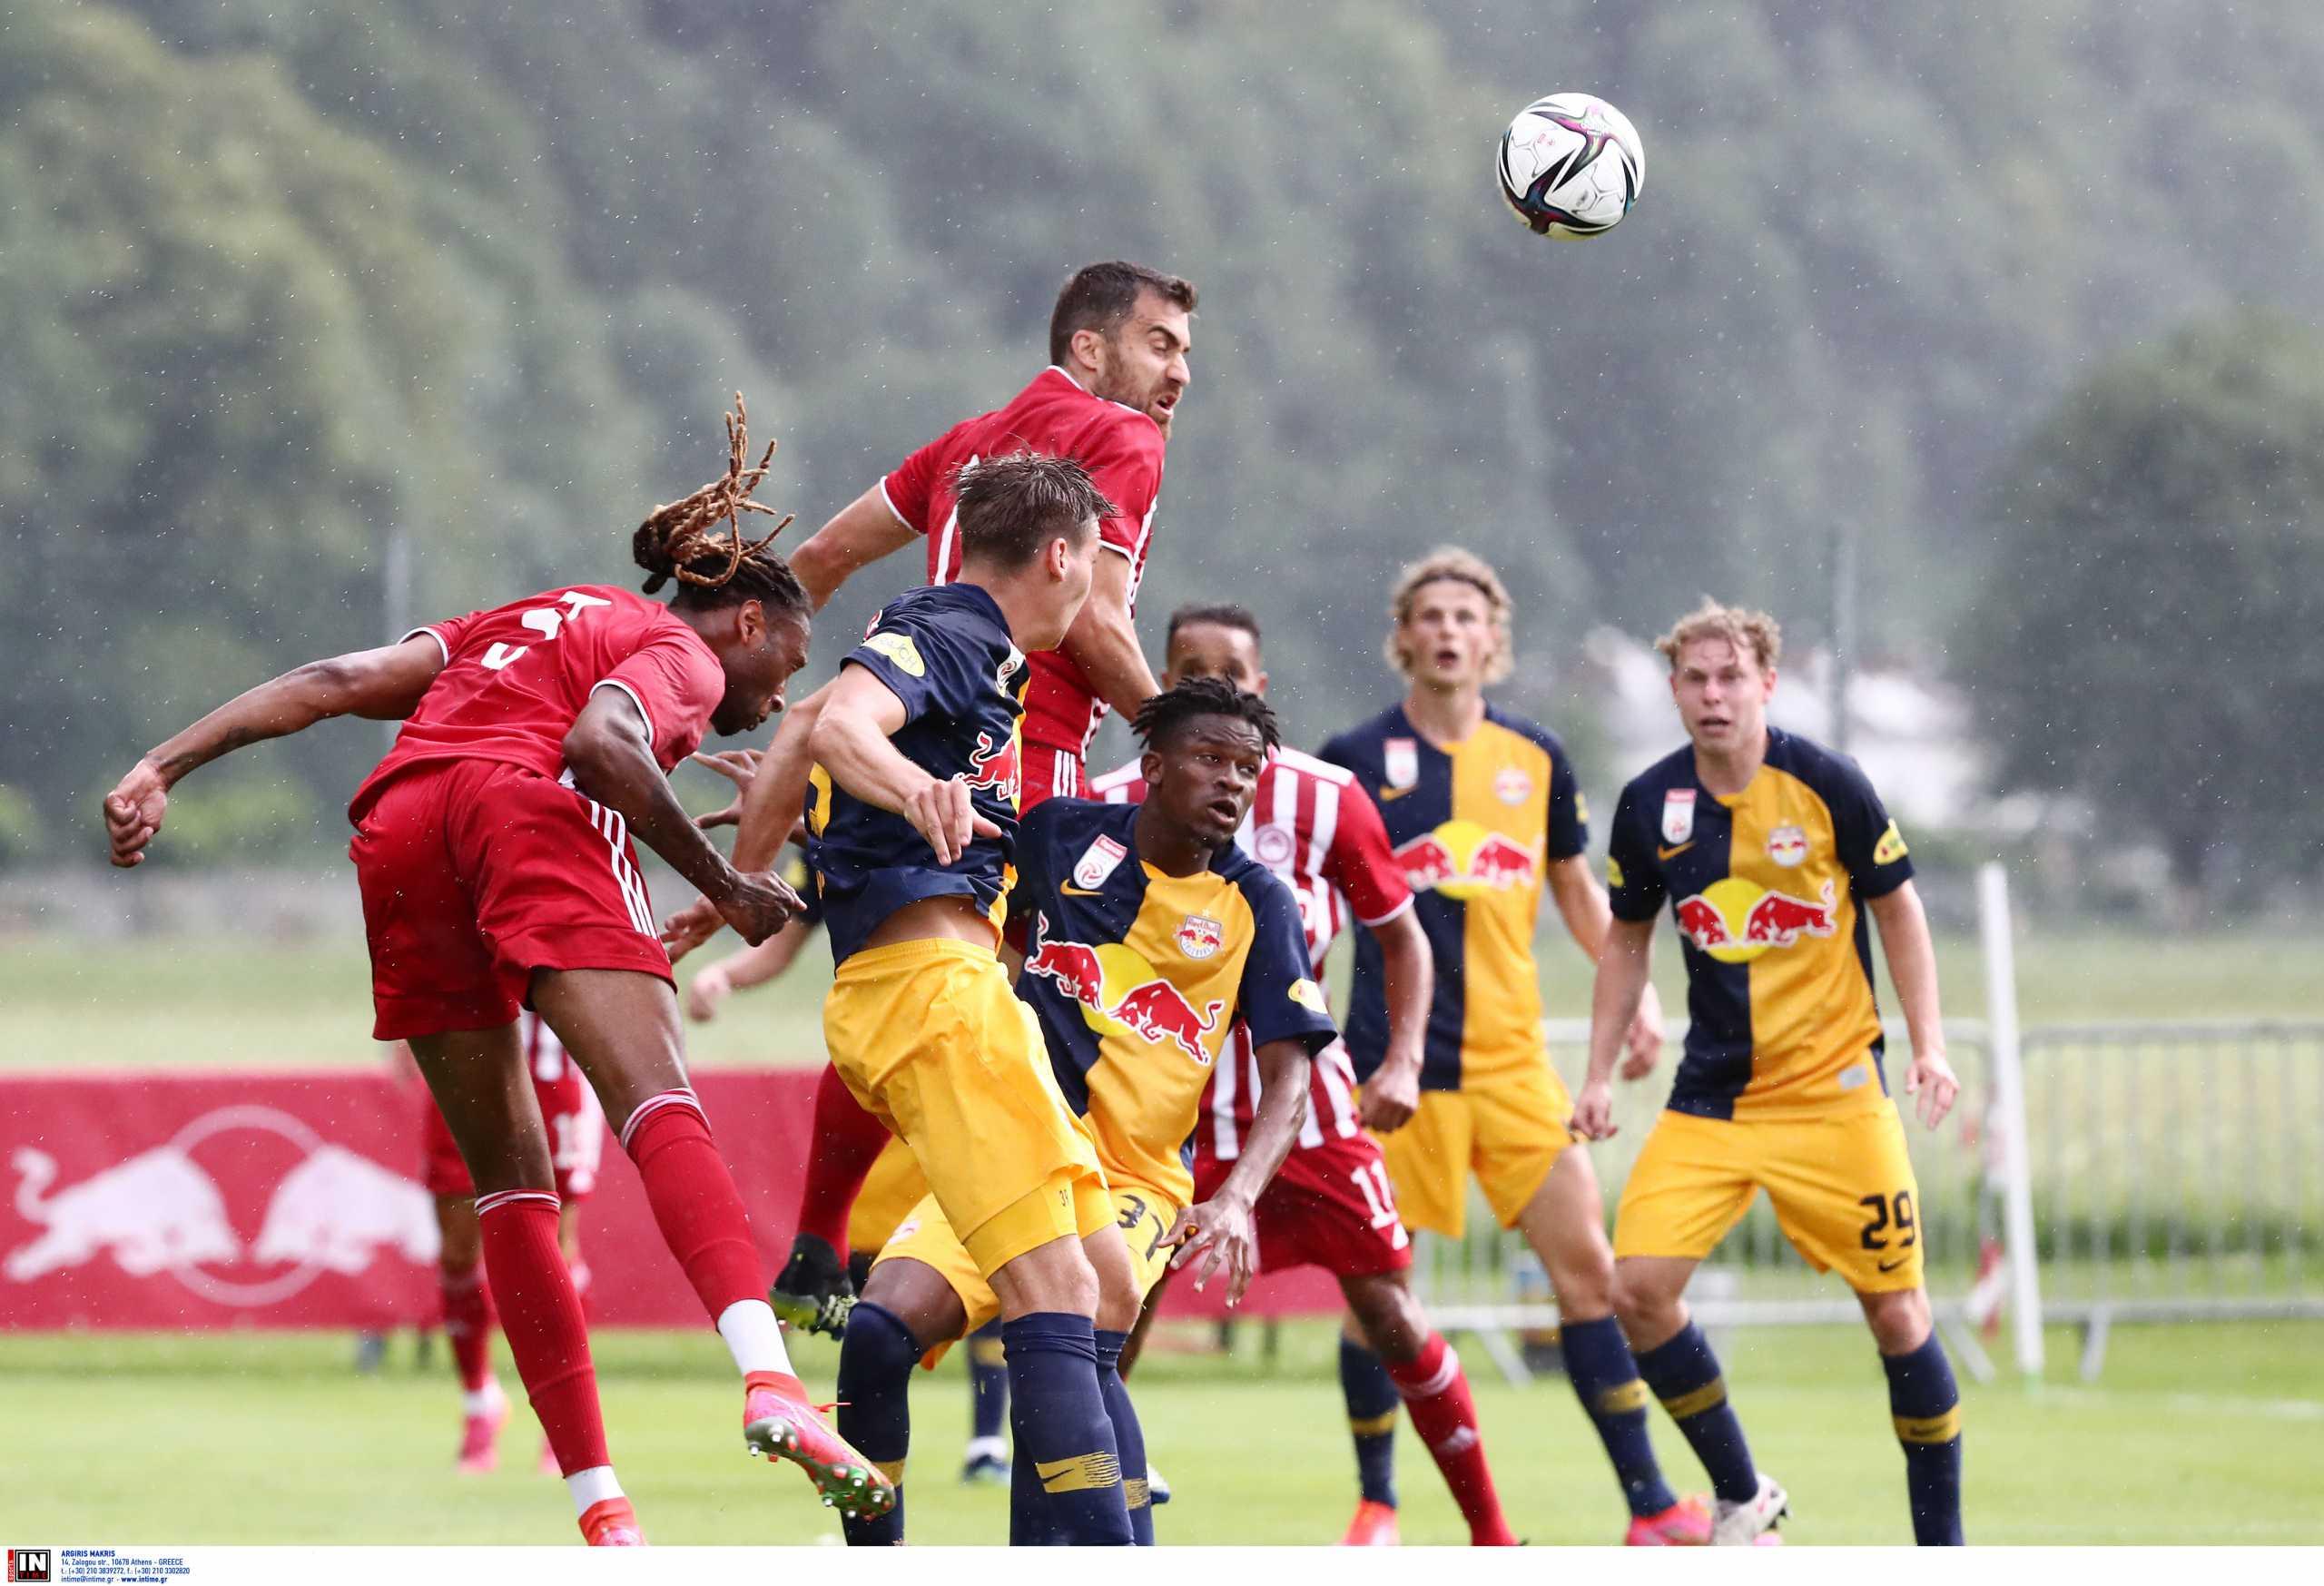 Σάλτσμπουργκ – Ολυμπιακός 3-0: Πρώτη ήττα για τους Πειραιώτες στα φιλικά